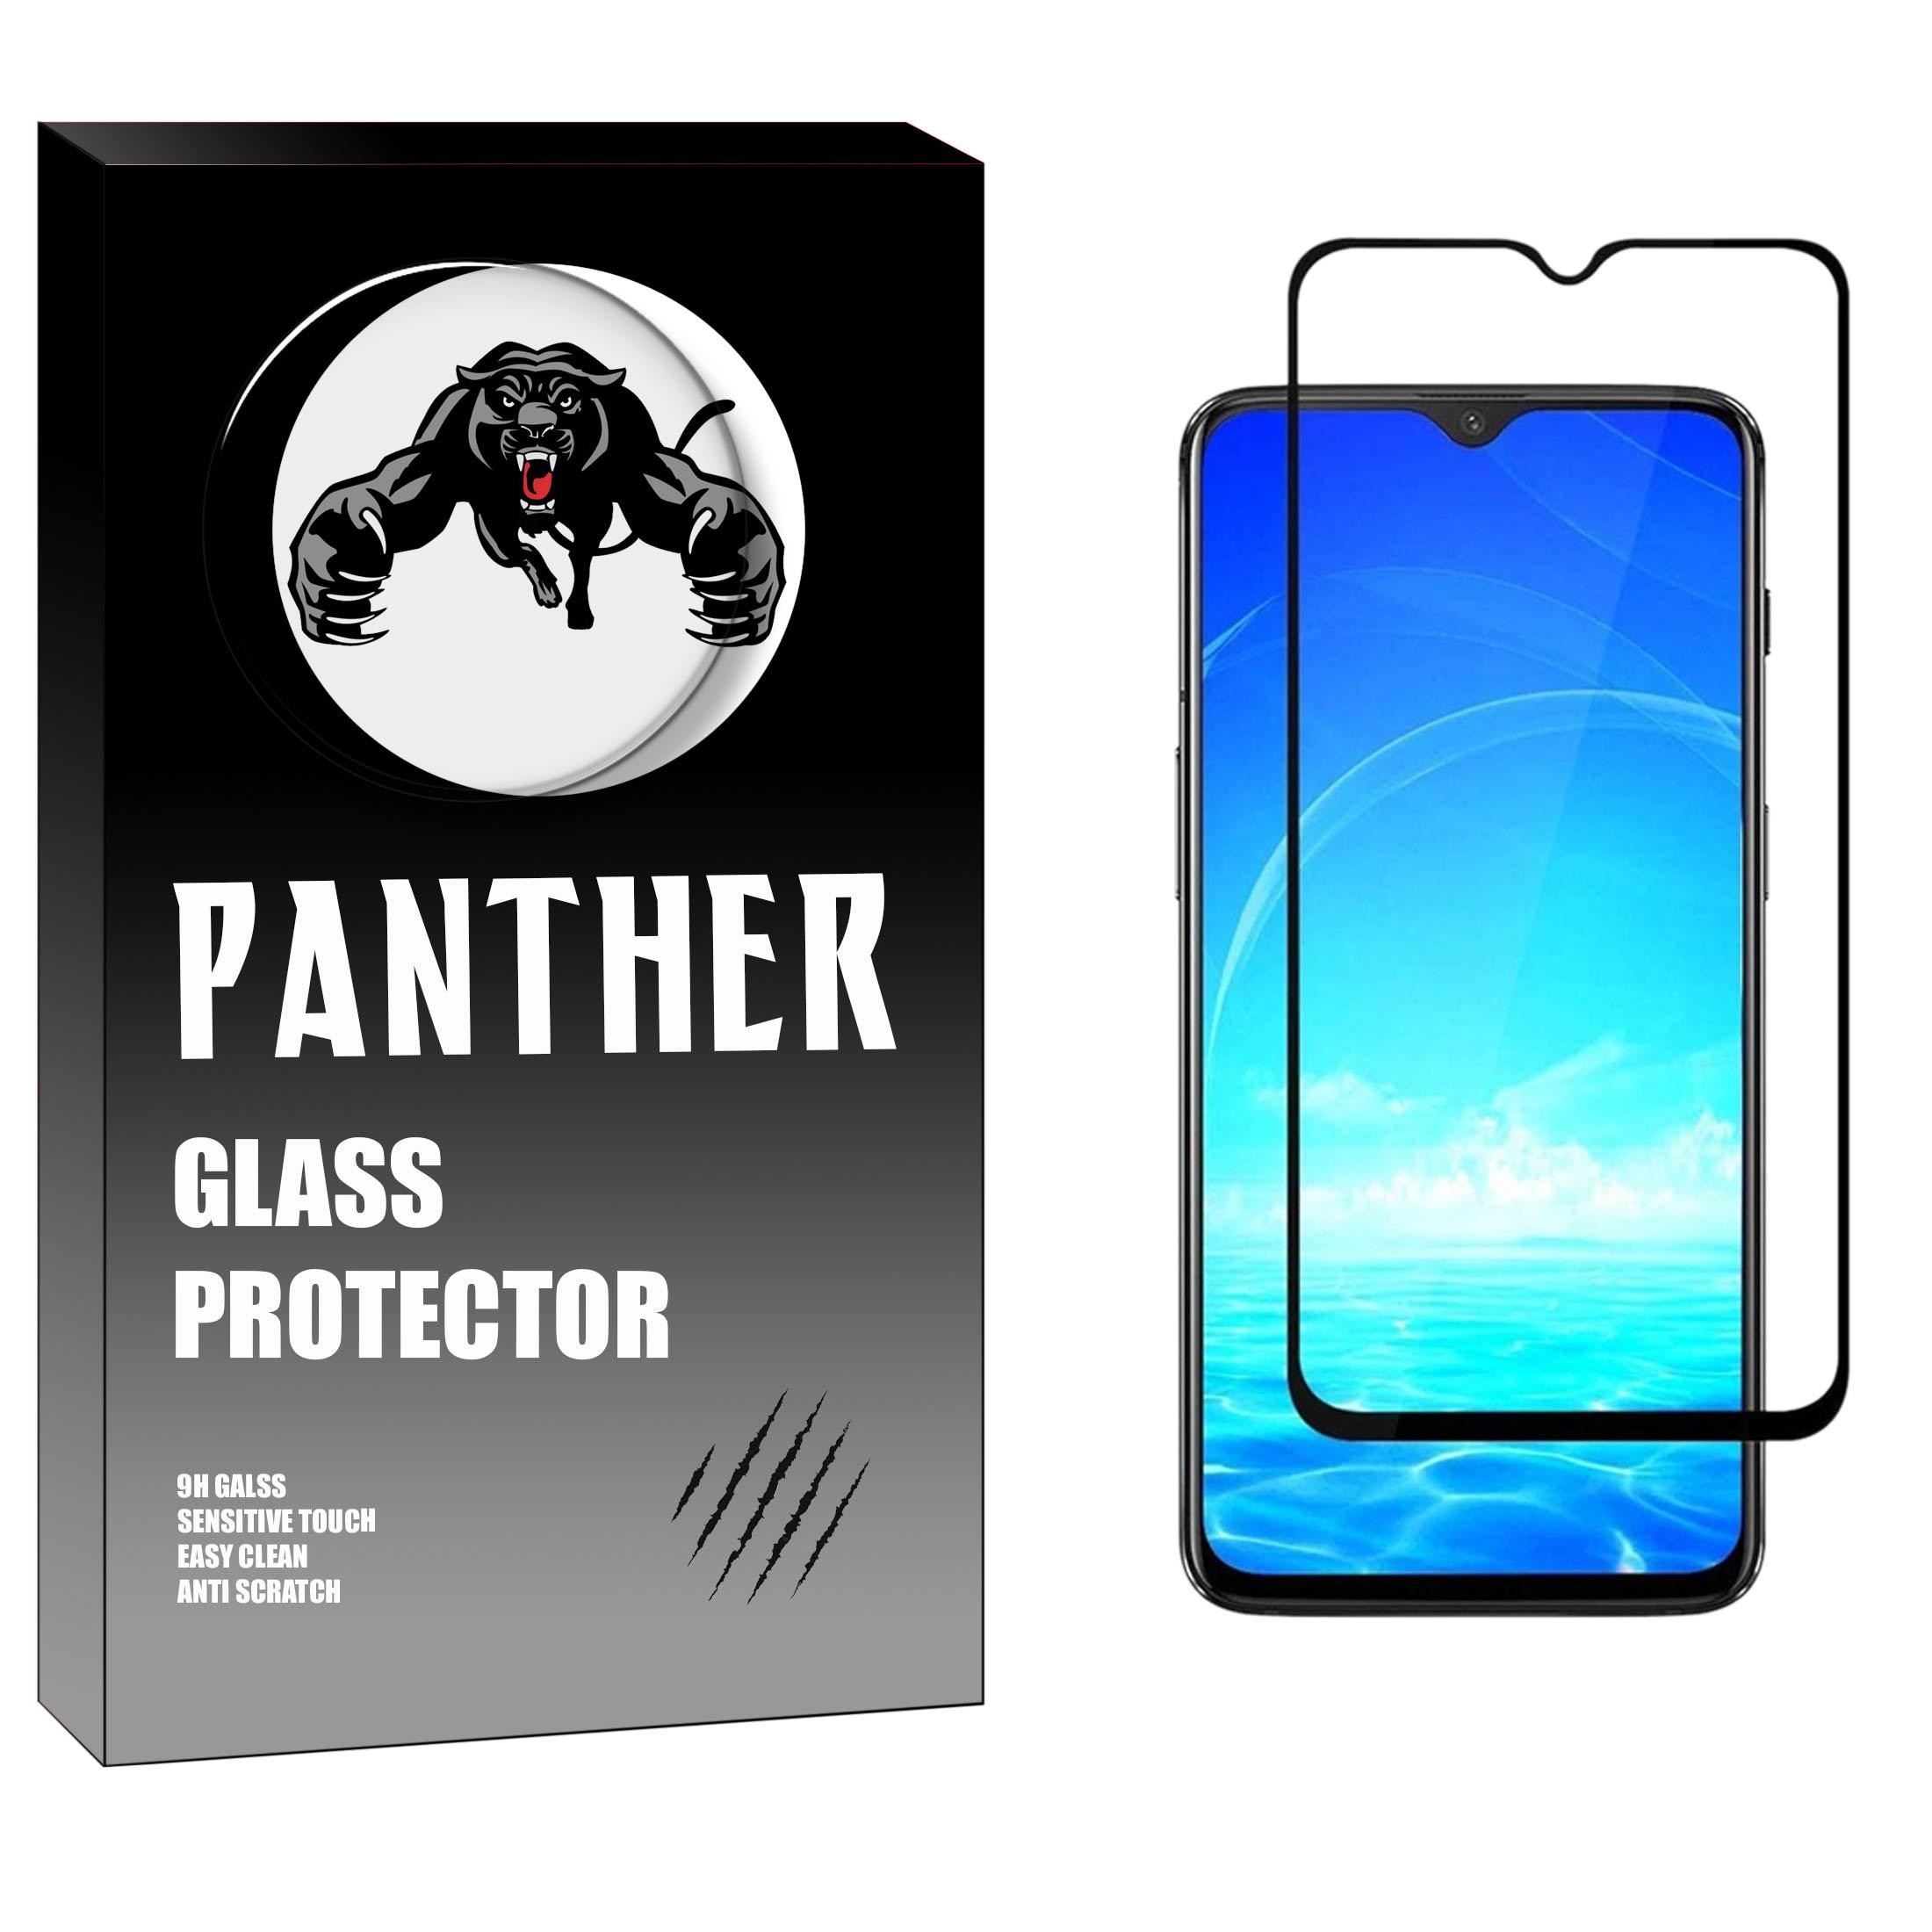 محافظ صفحه نمایش پنتر  مدل FUP-01 مناسب برای گوشی موبایل سامسونگ Galaxy A12